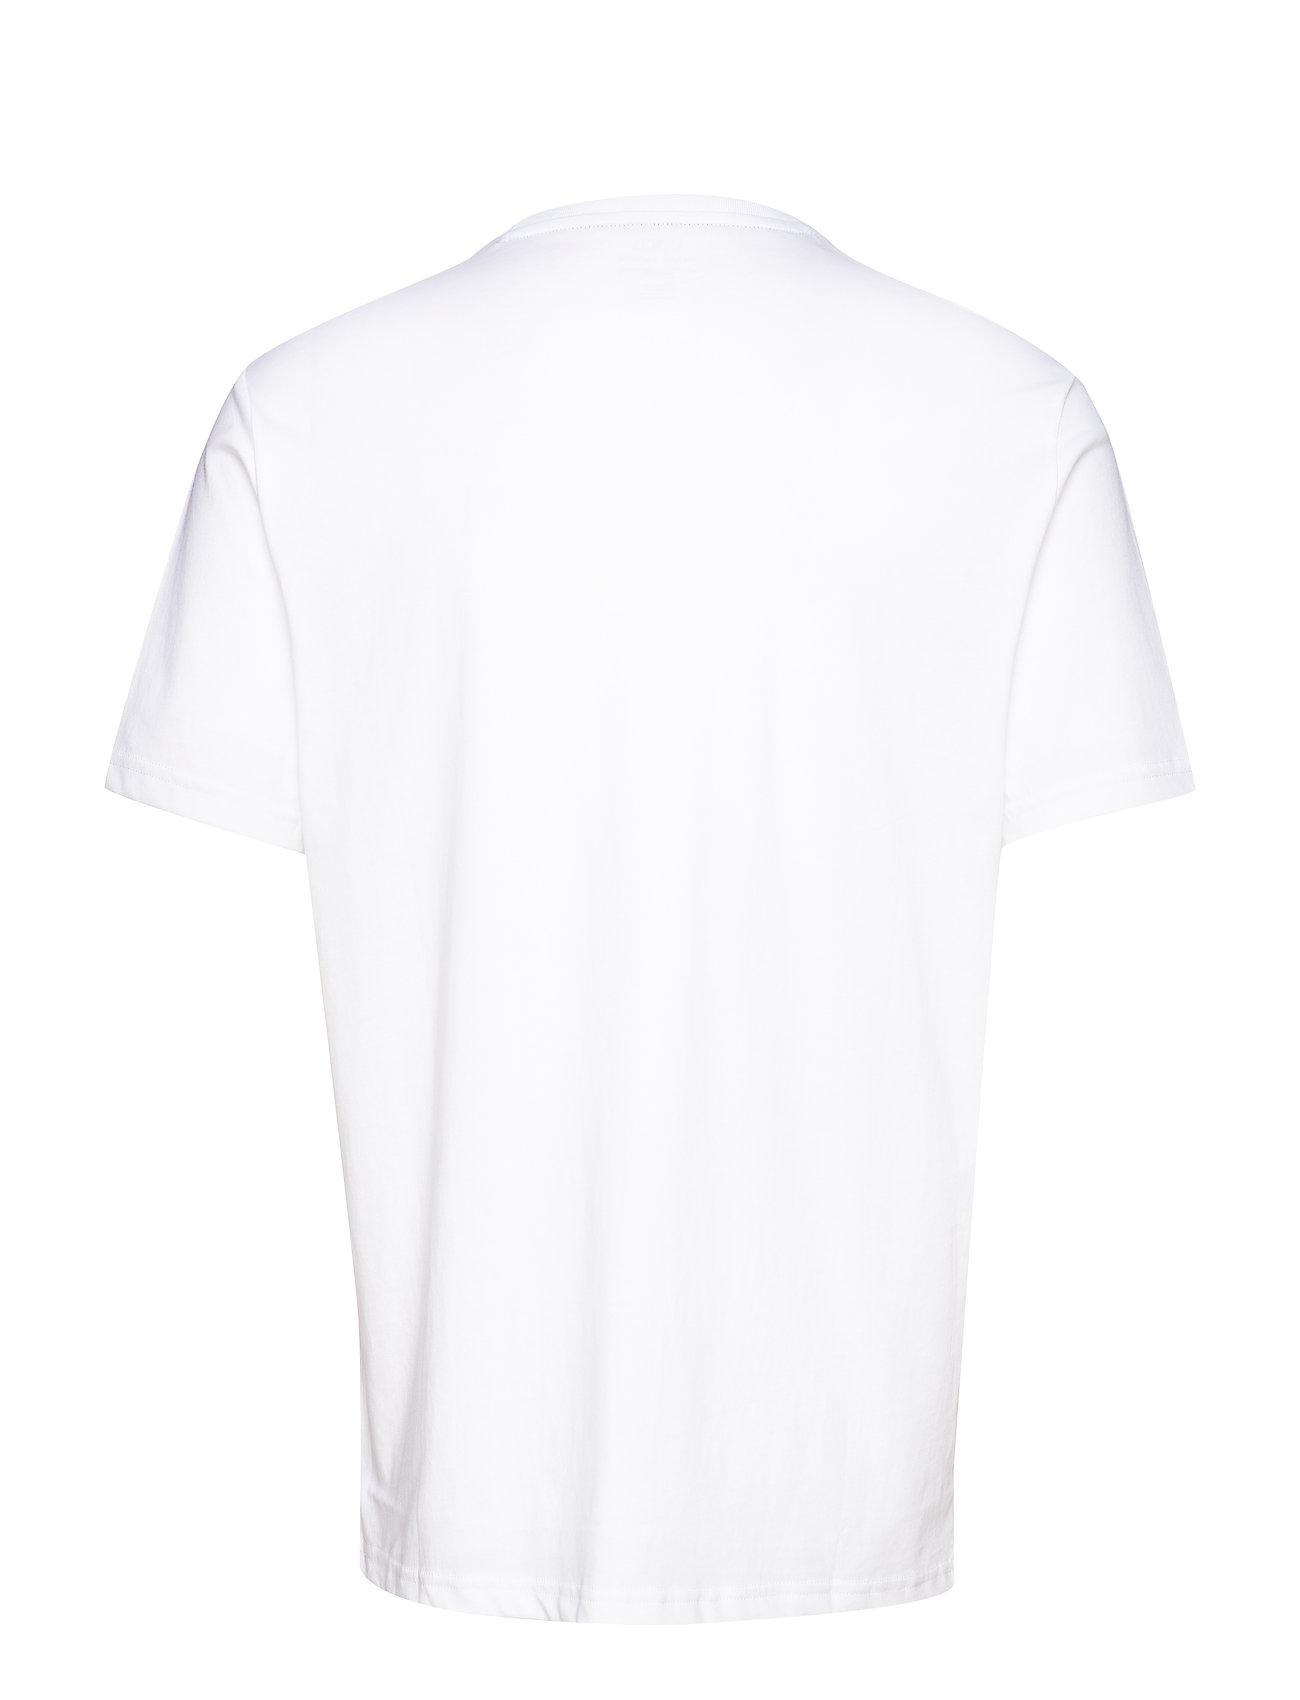 Sleeve shirtpure t Ralph Lauren MultiPolo long Sscnm1 White e2YEIHbWD9